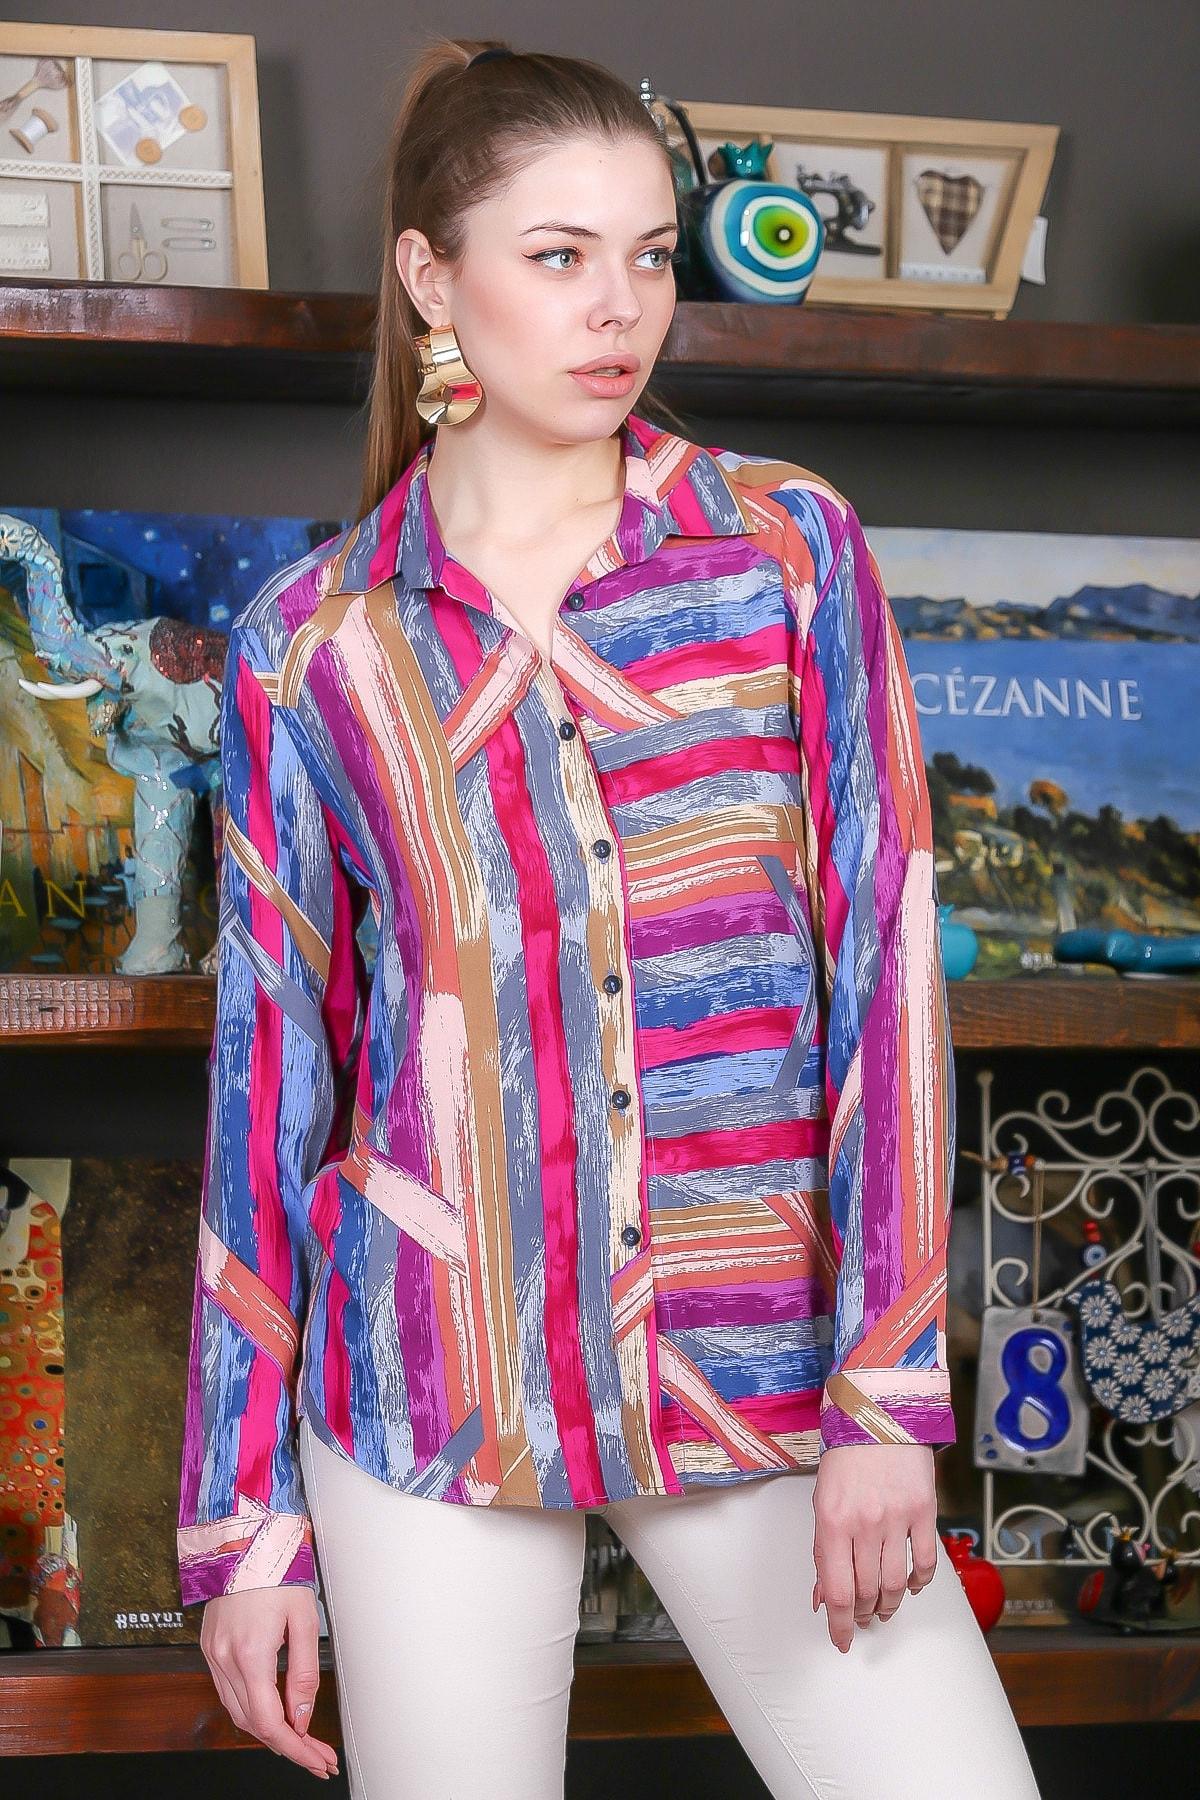 Chiccy Kadın Pembe-Mavi Renkli Çizgi Desenli Kolları Ayar Düğmeli Dokuma Gömlek M10010400GM99441 2